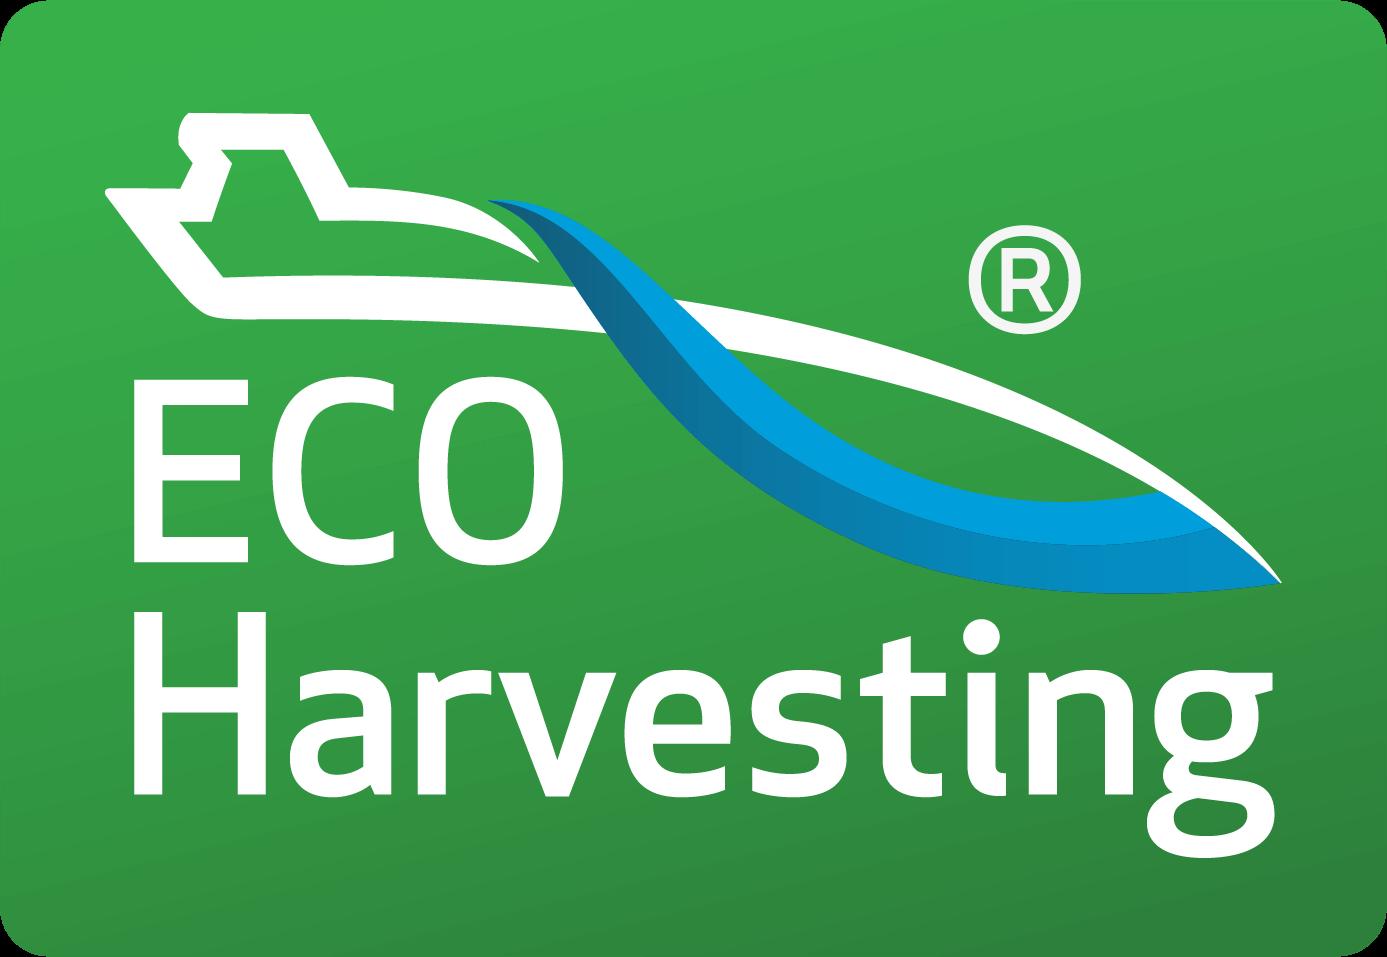 ECOHARVESTING_REG-tp.png